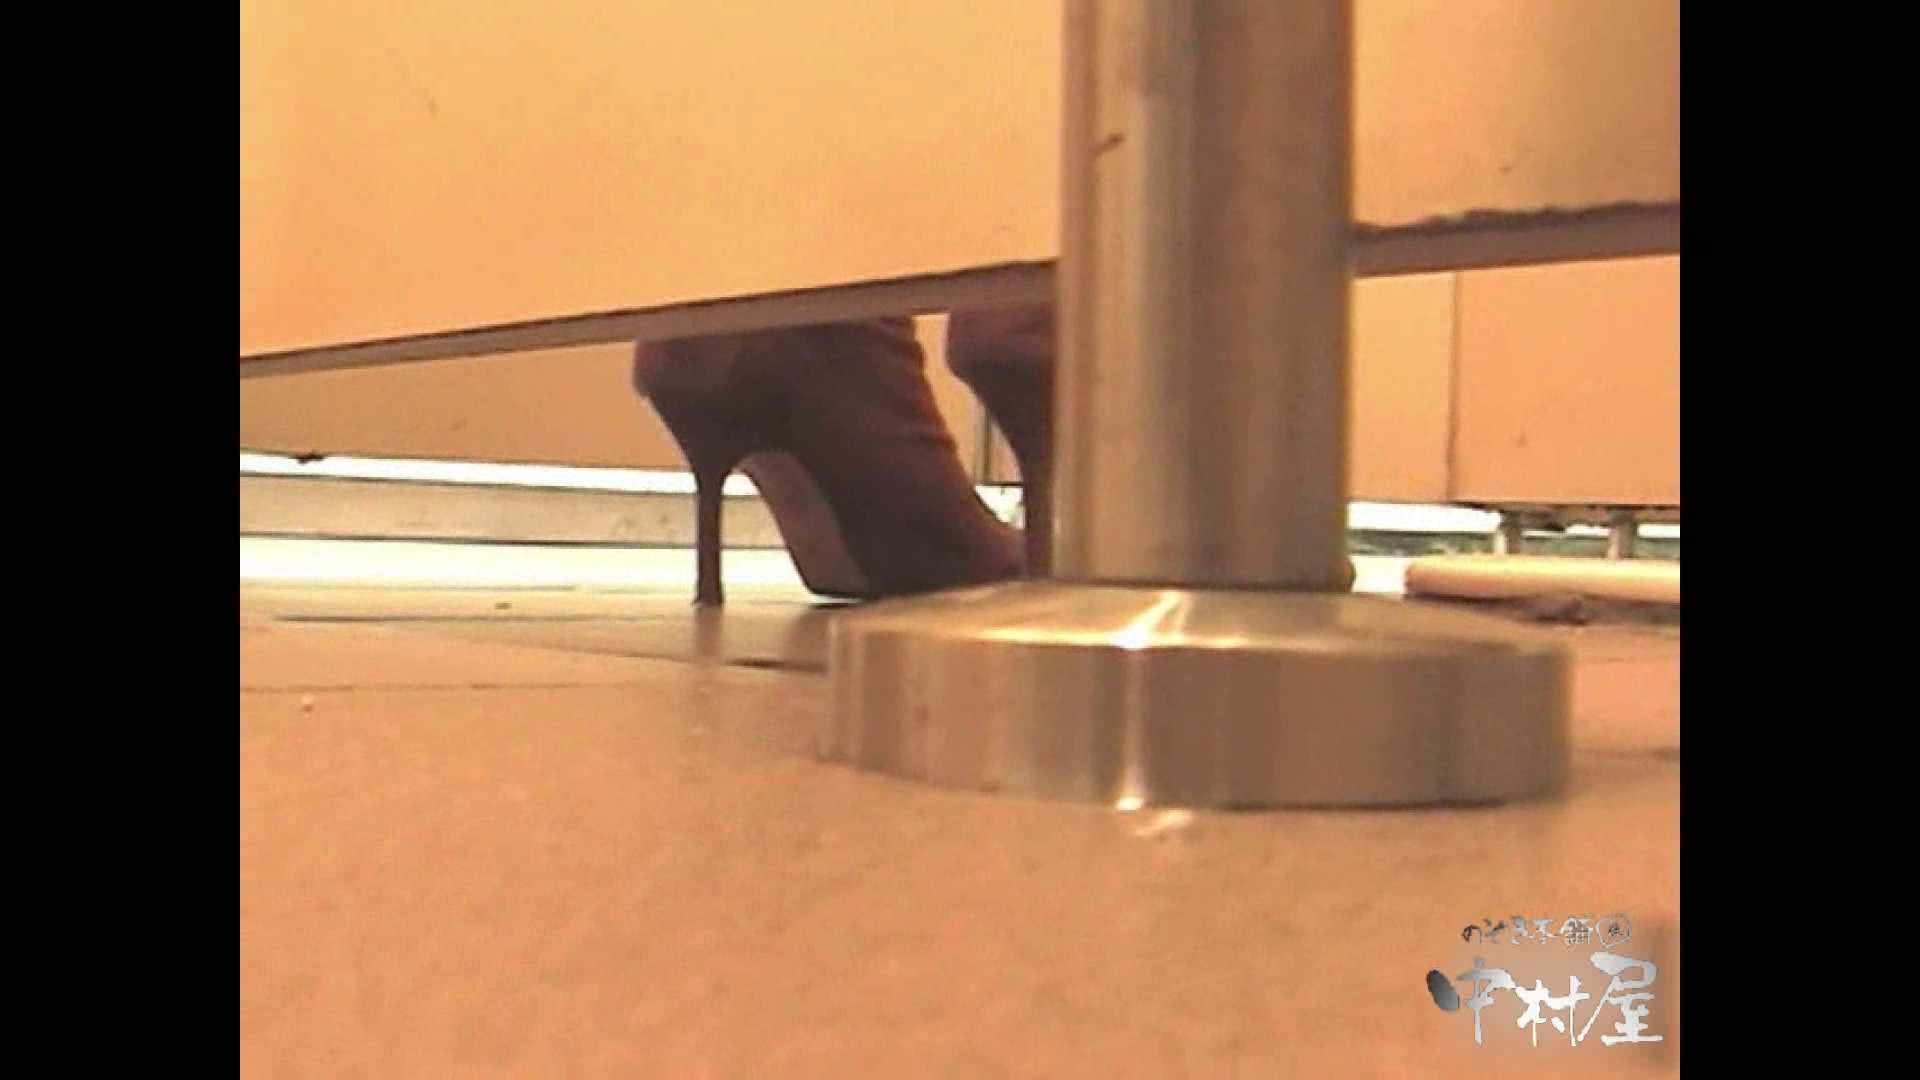 岩手県在住盗撮師盗撮記録vol.01 美しいOLの裸体 オマンコ無修正動画無料 98pic 42